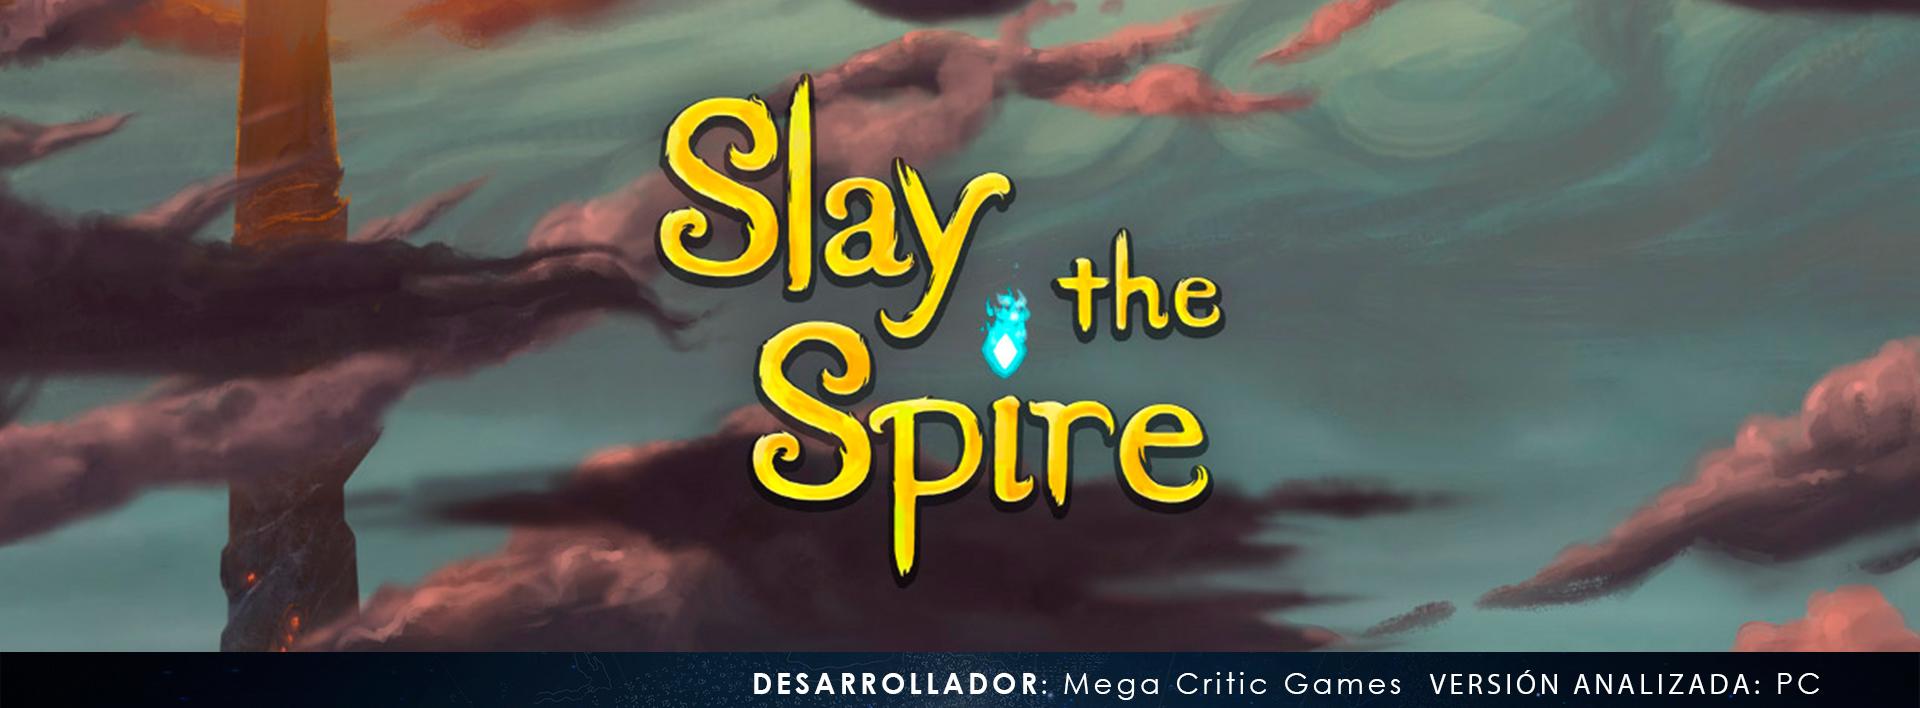 Slay the spire cab